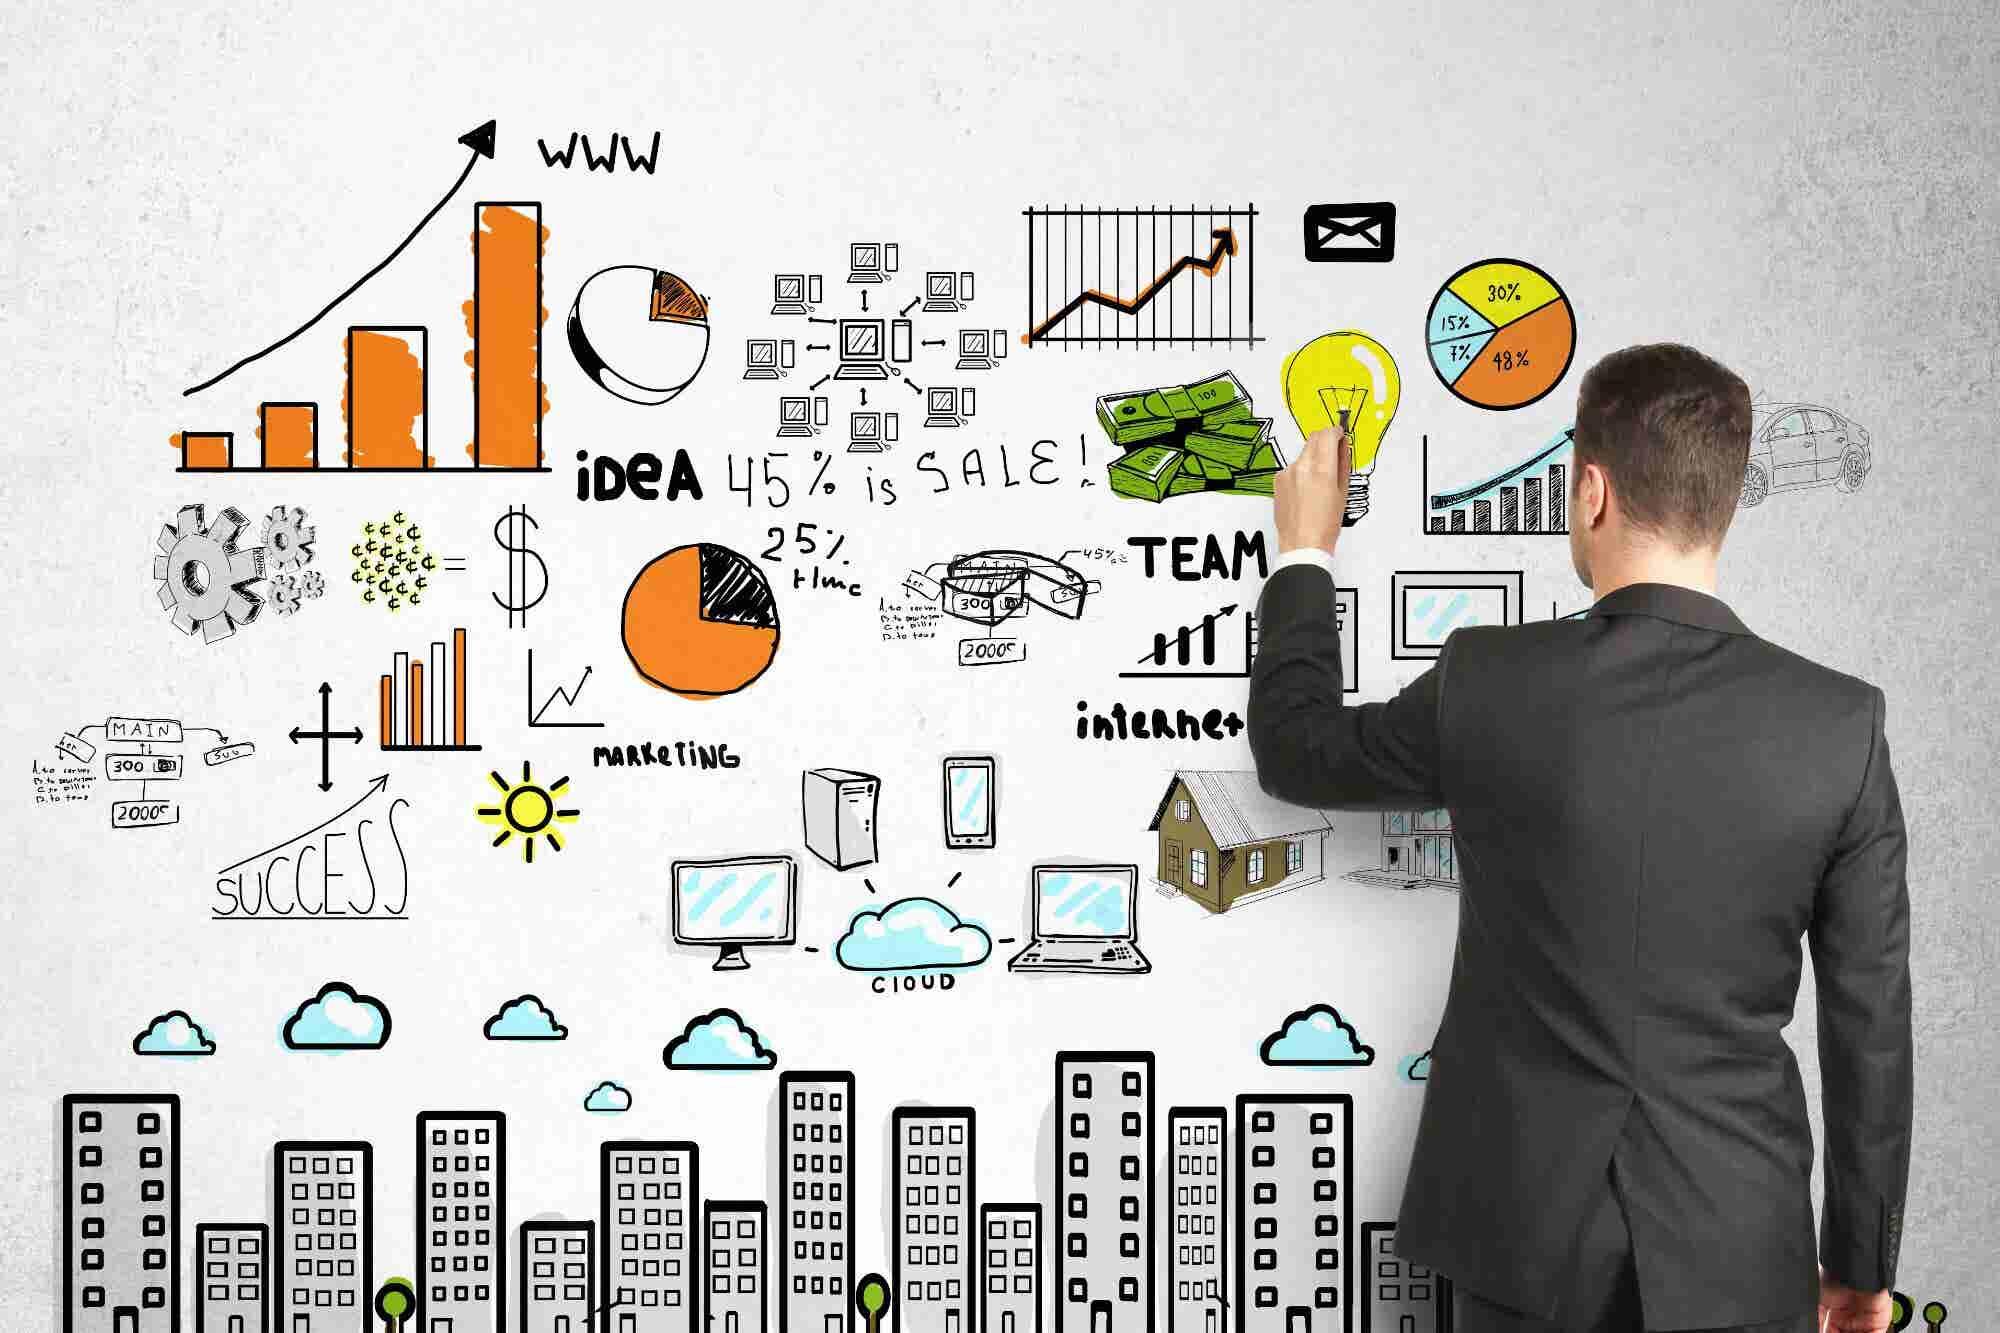 ¿Quieres poner tu propia empresa? 4 tipos de planes de negocio que necesitas conocer